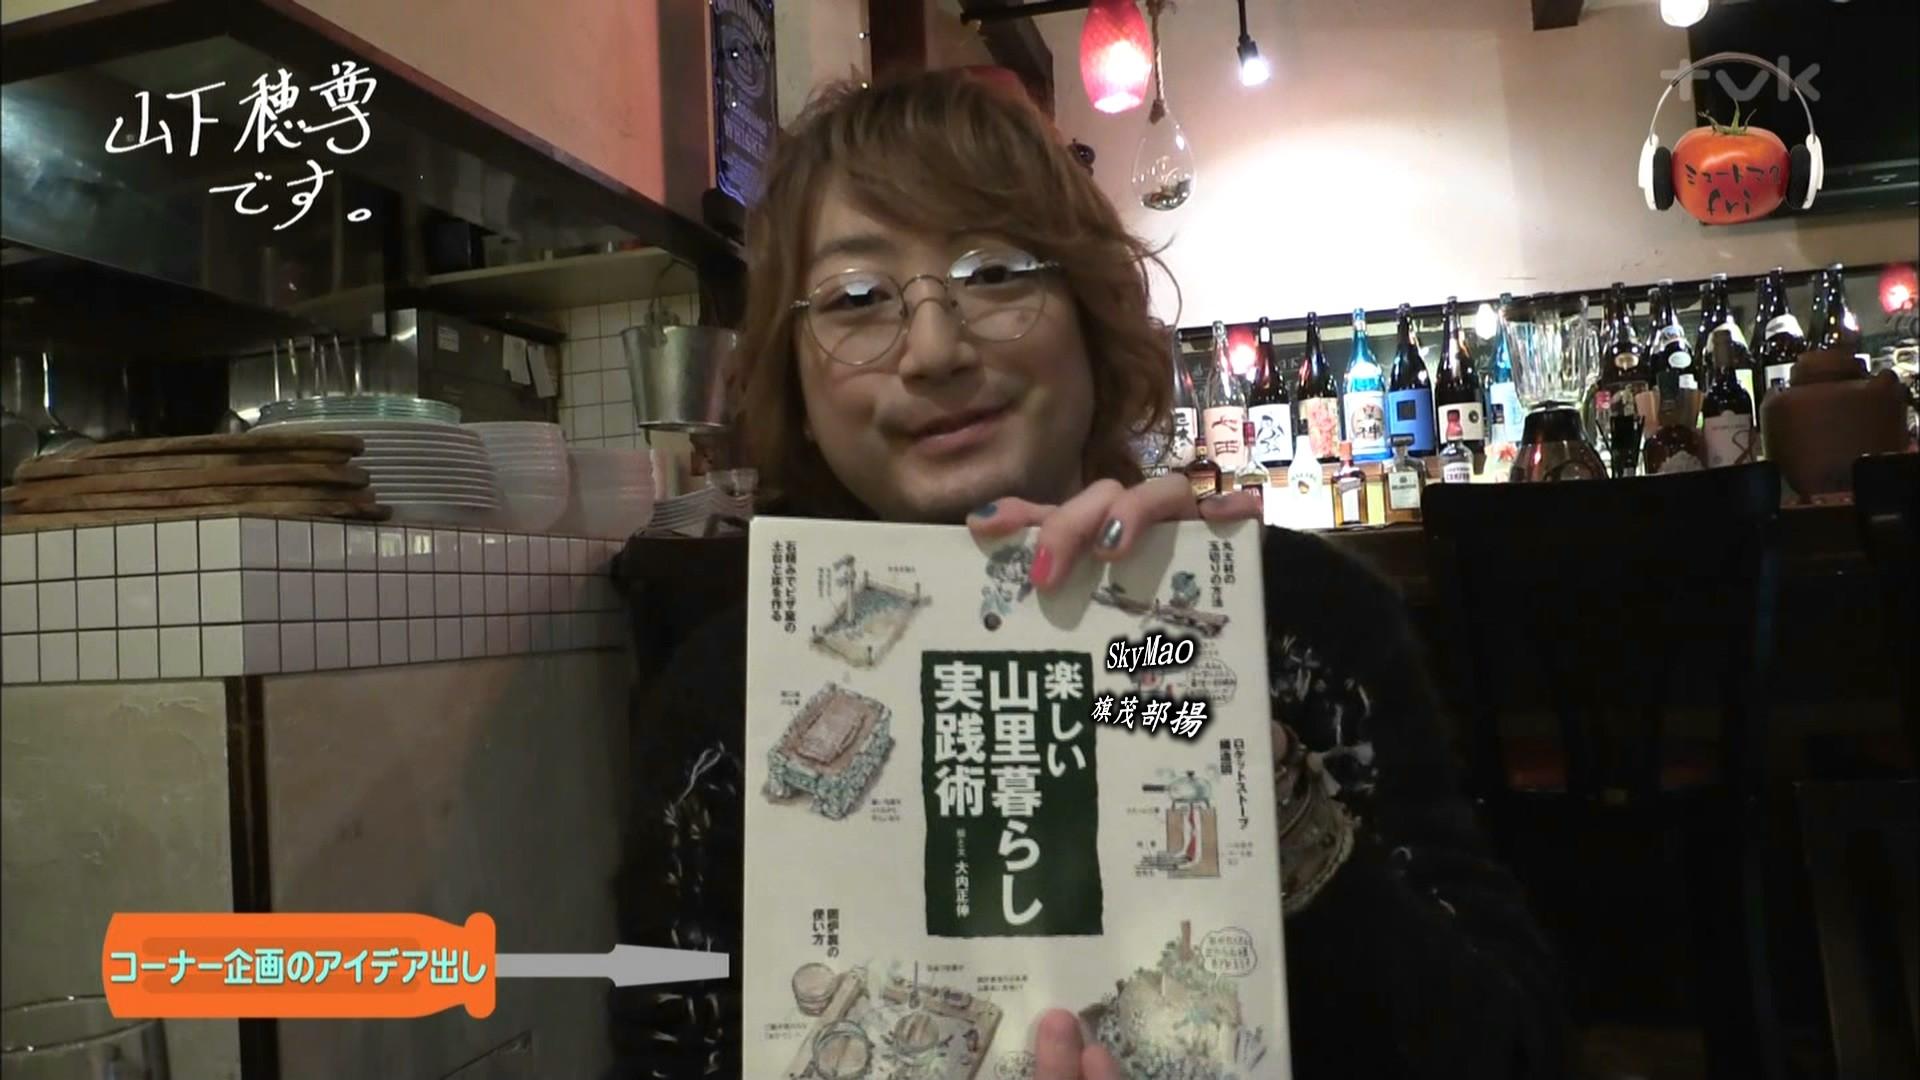 2017.04.21 全場(ミュートマ2).ts_20170422_001348.419